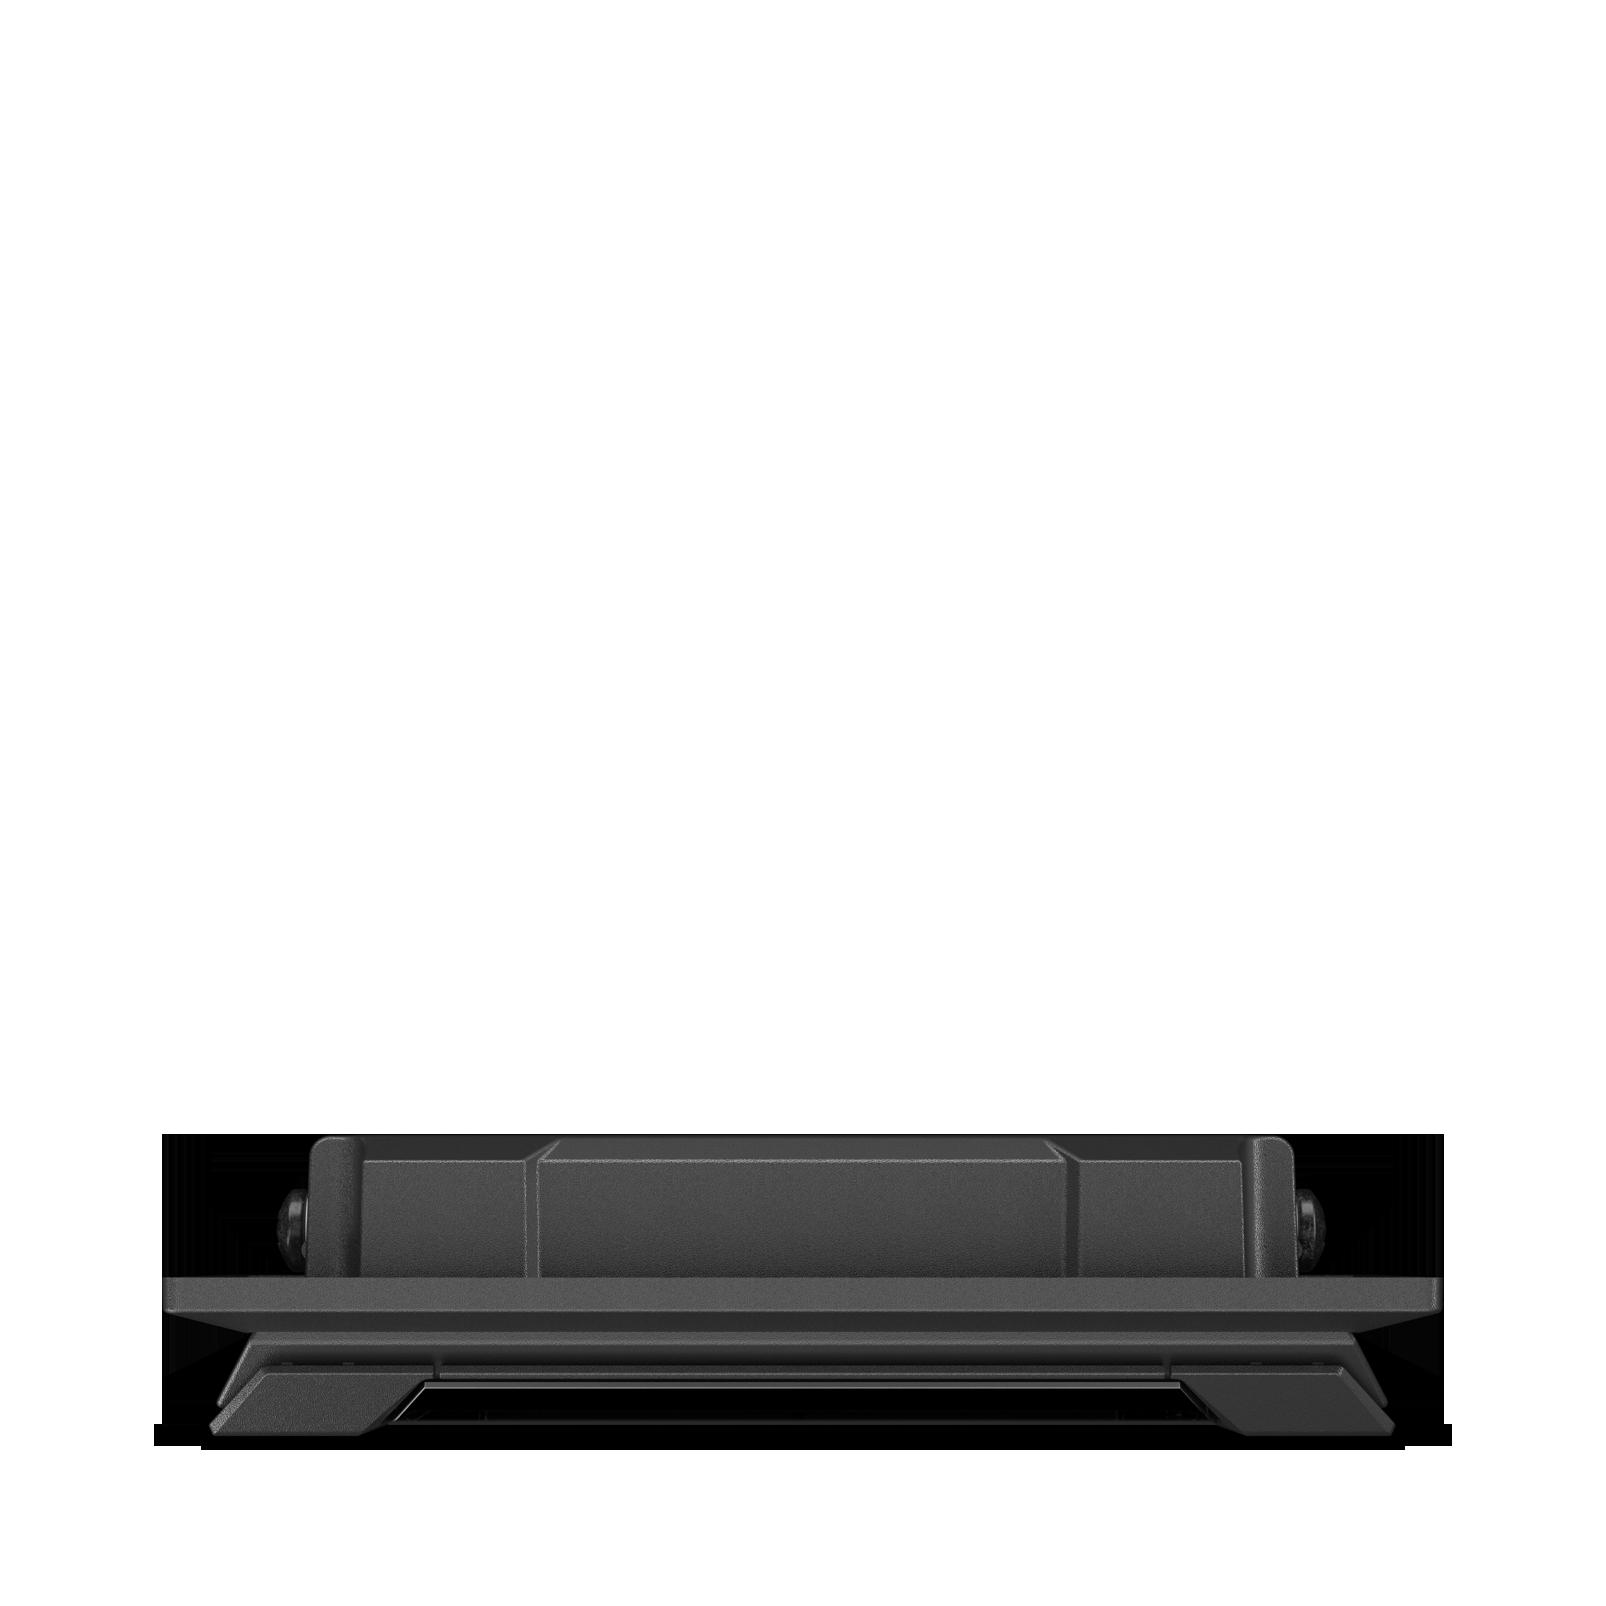 GTR-104